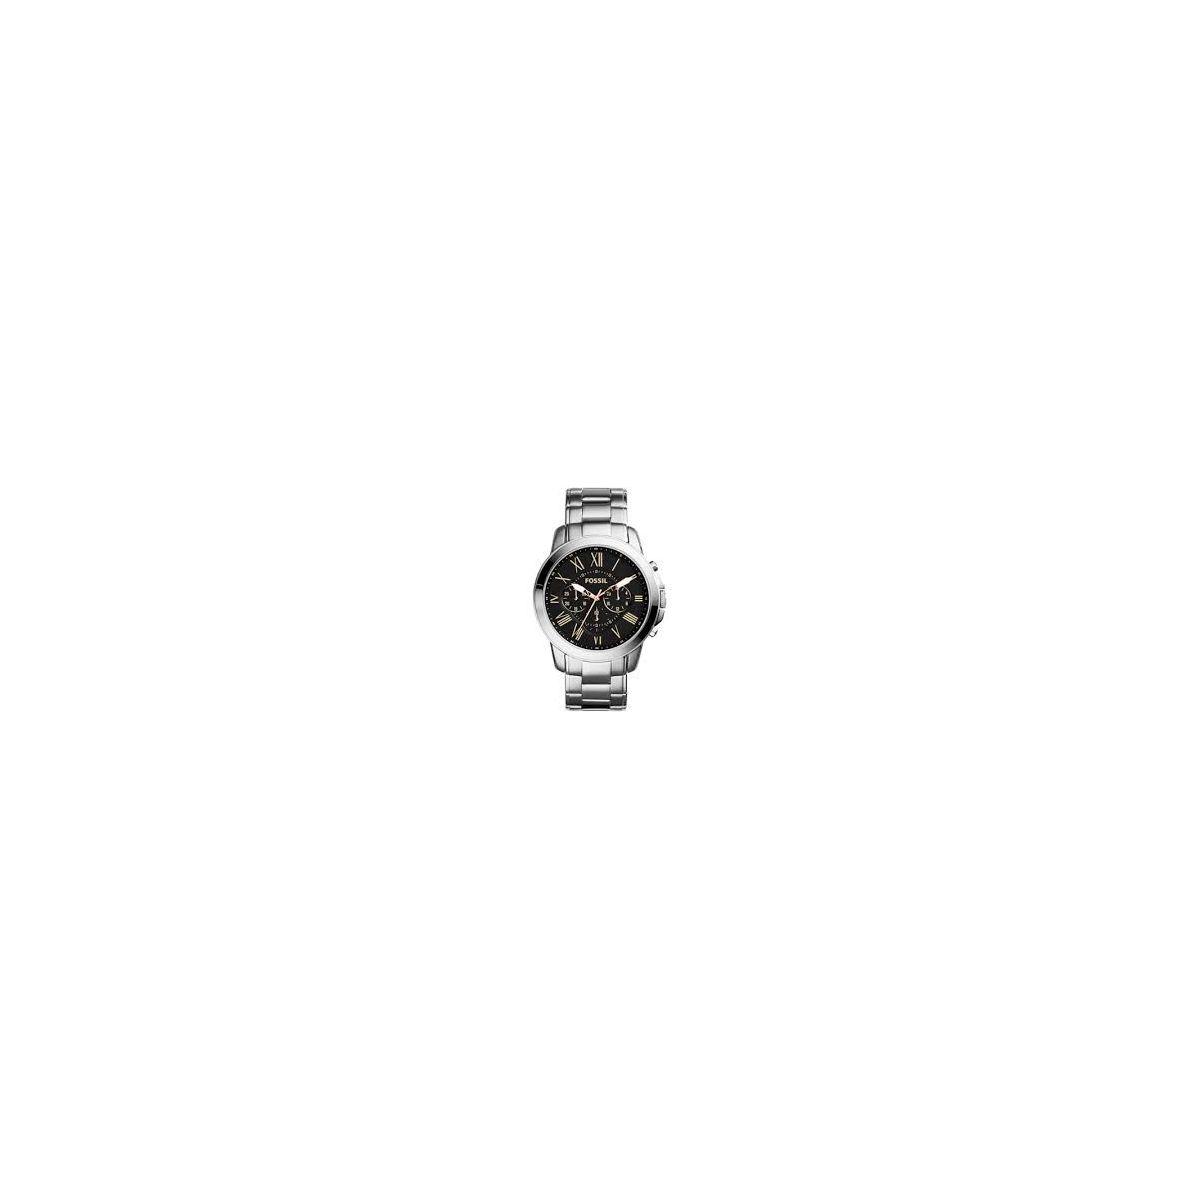 Orologio Crono Uomo Fossil Grant FS4736